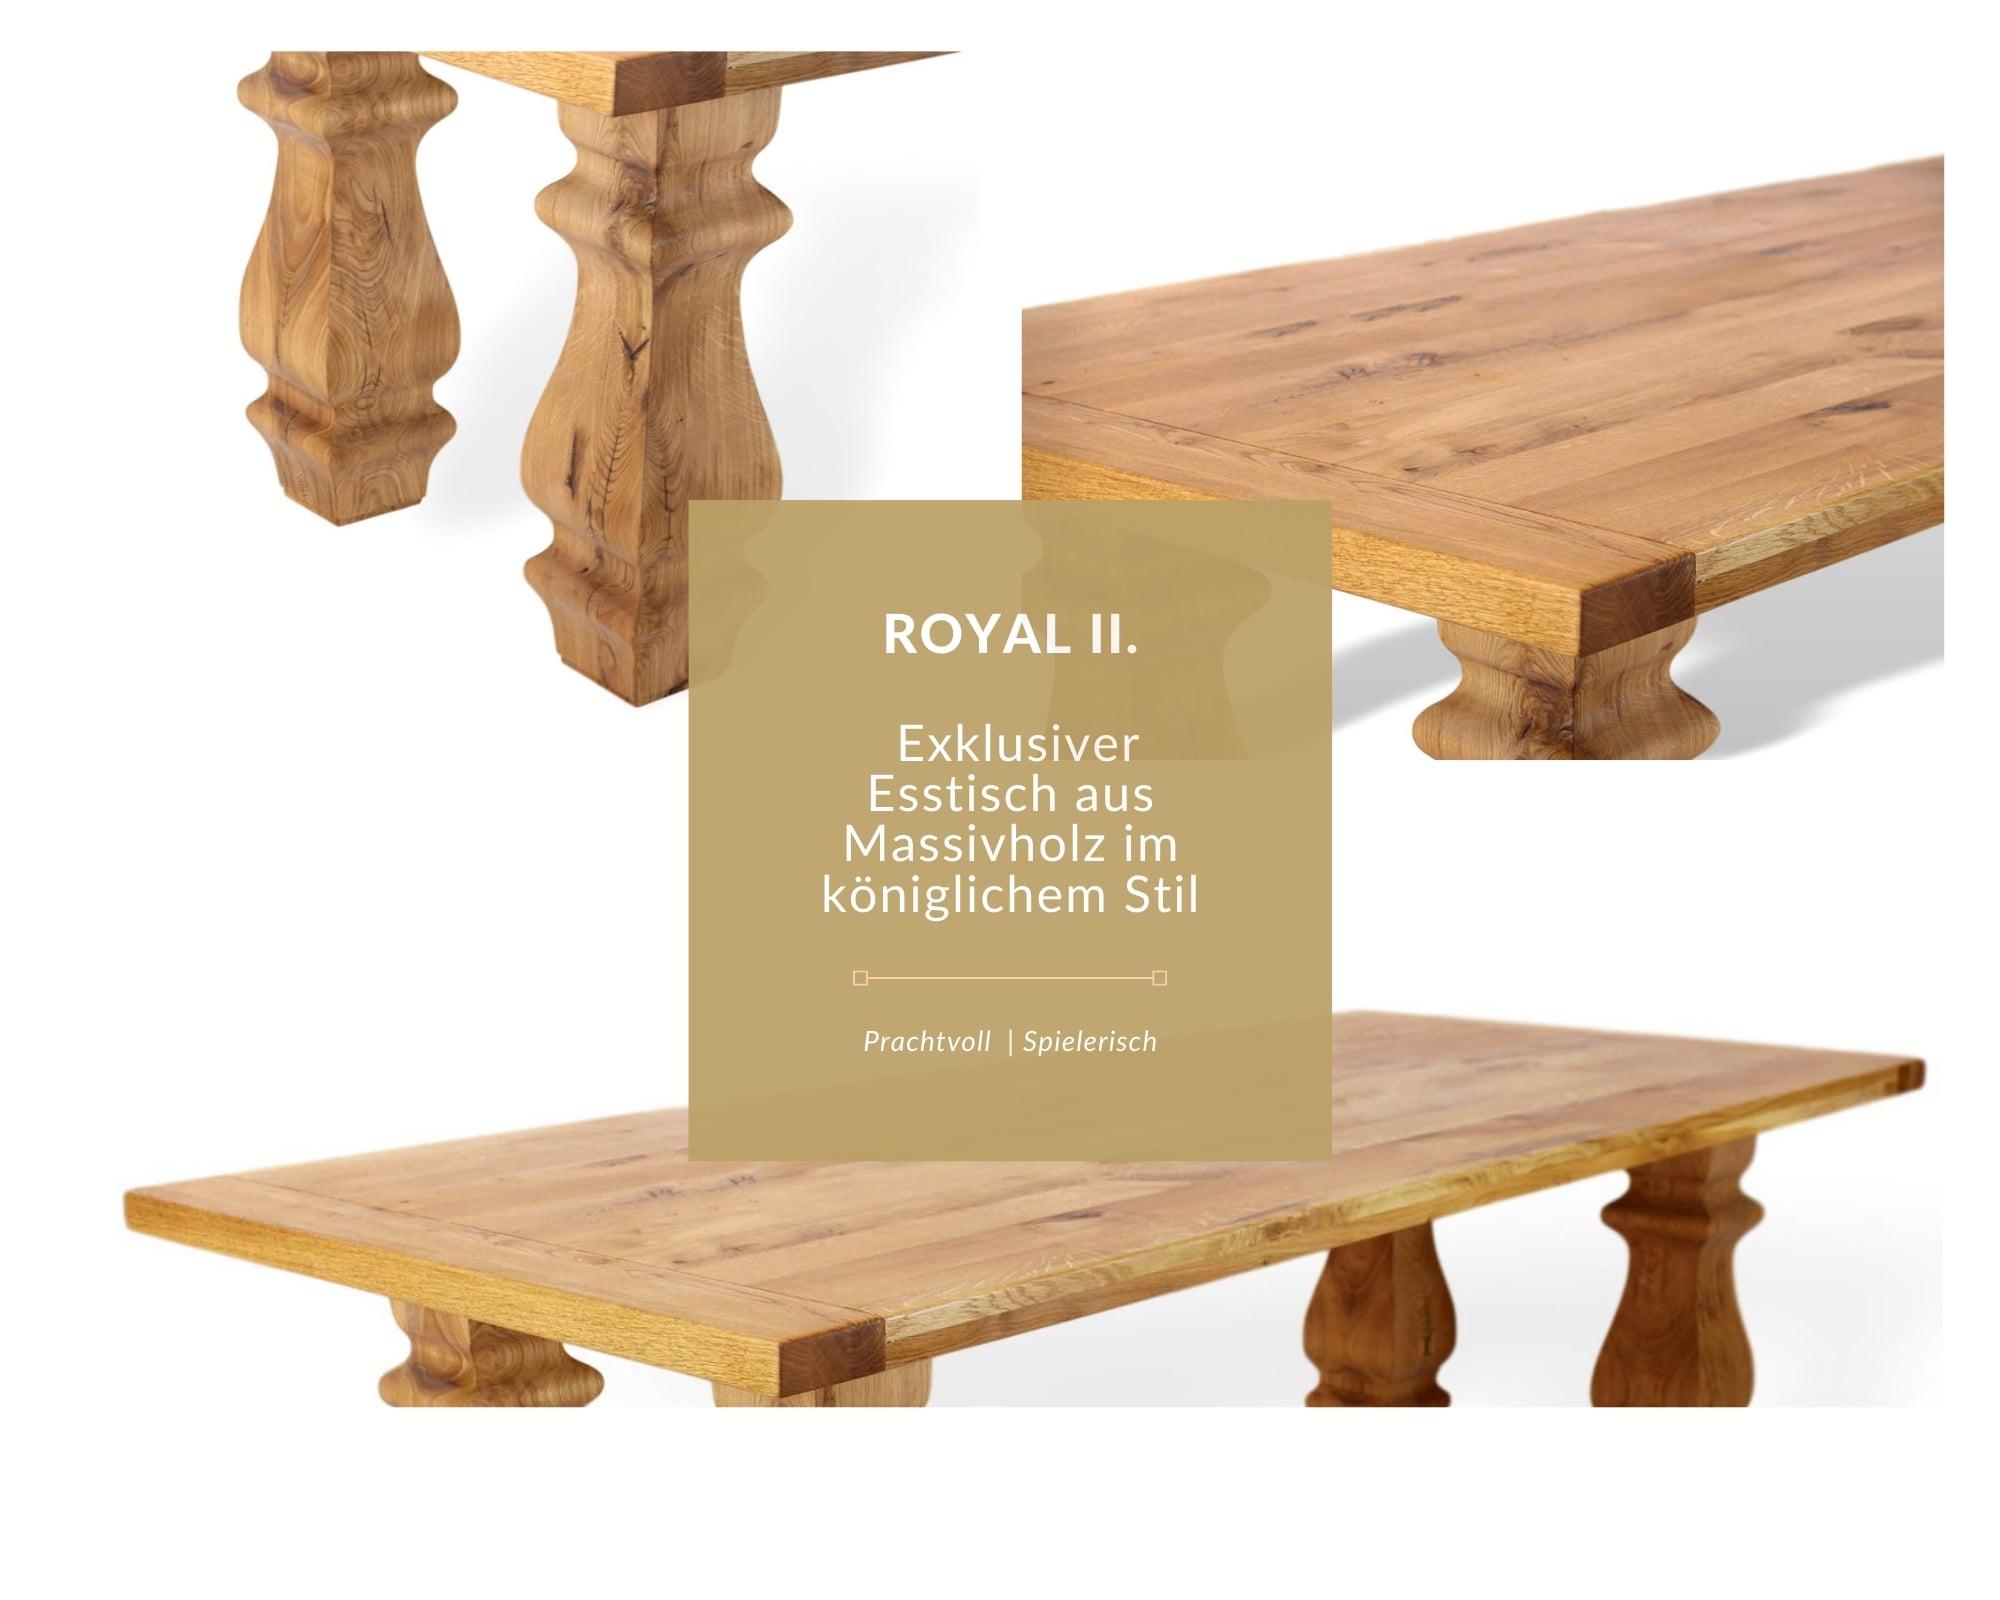 massivholztisch mit besonderem stil, köngliches tischgestell